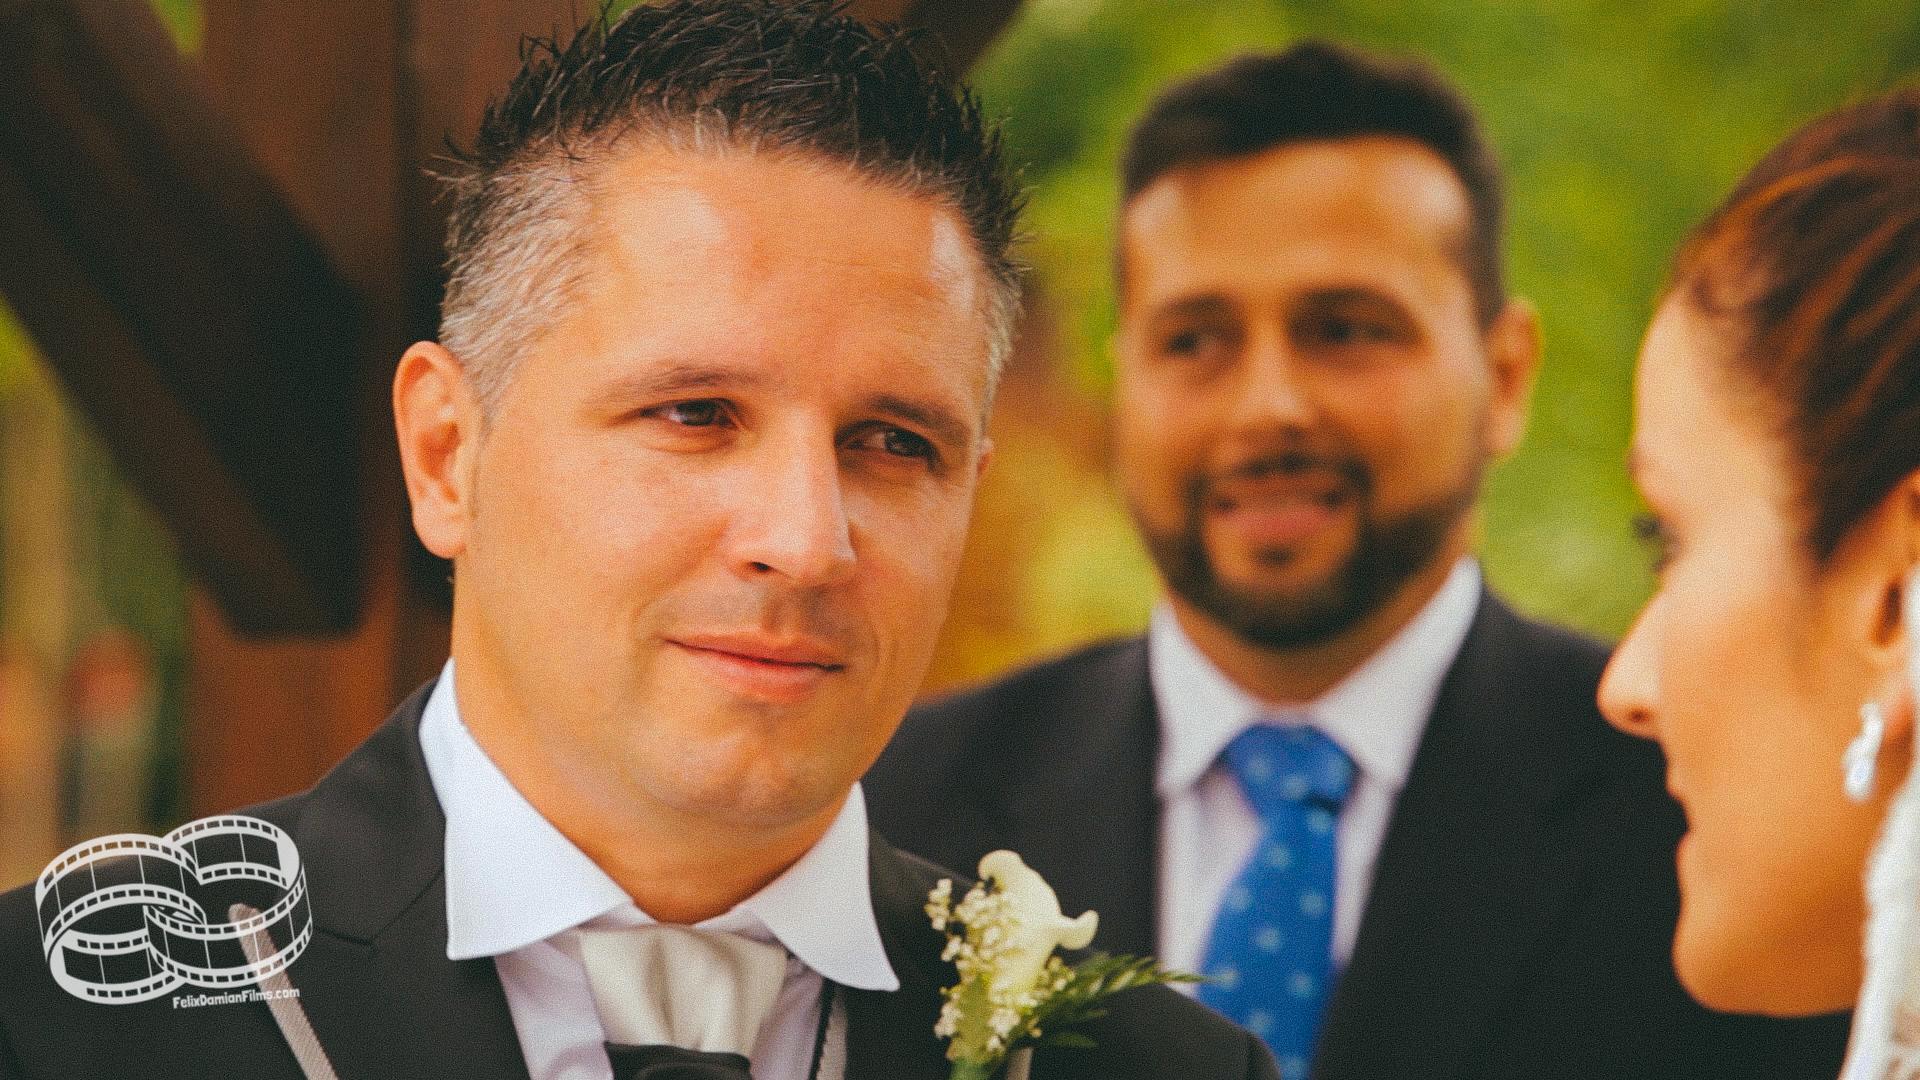 Los recuerdos bonitos después de un año con bodas geniales